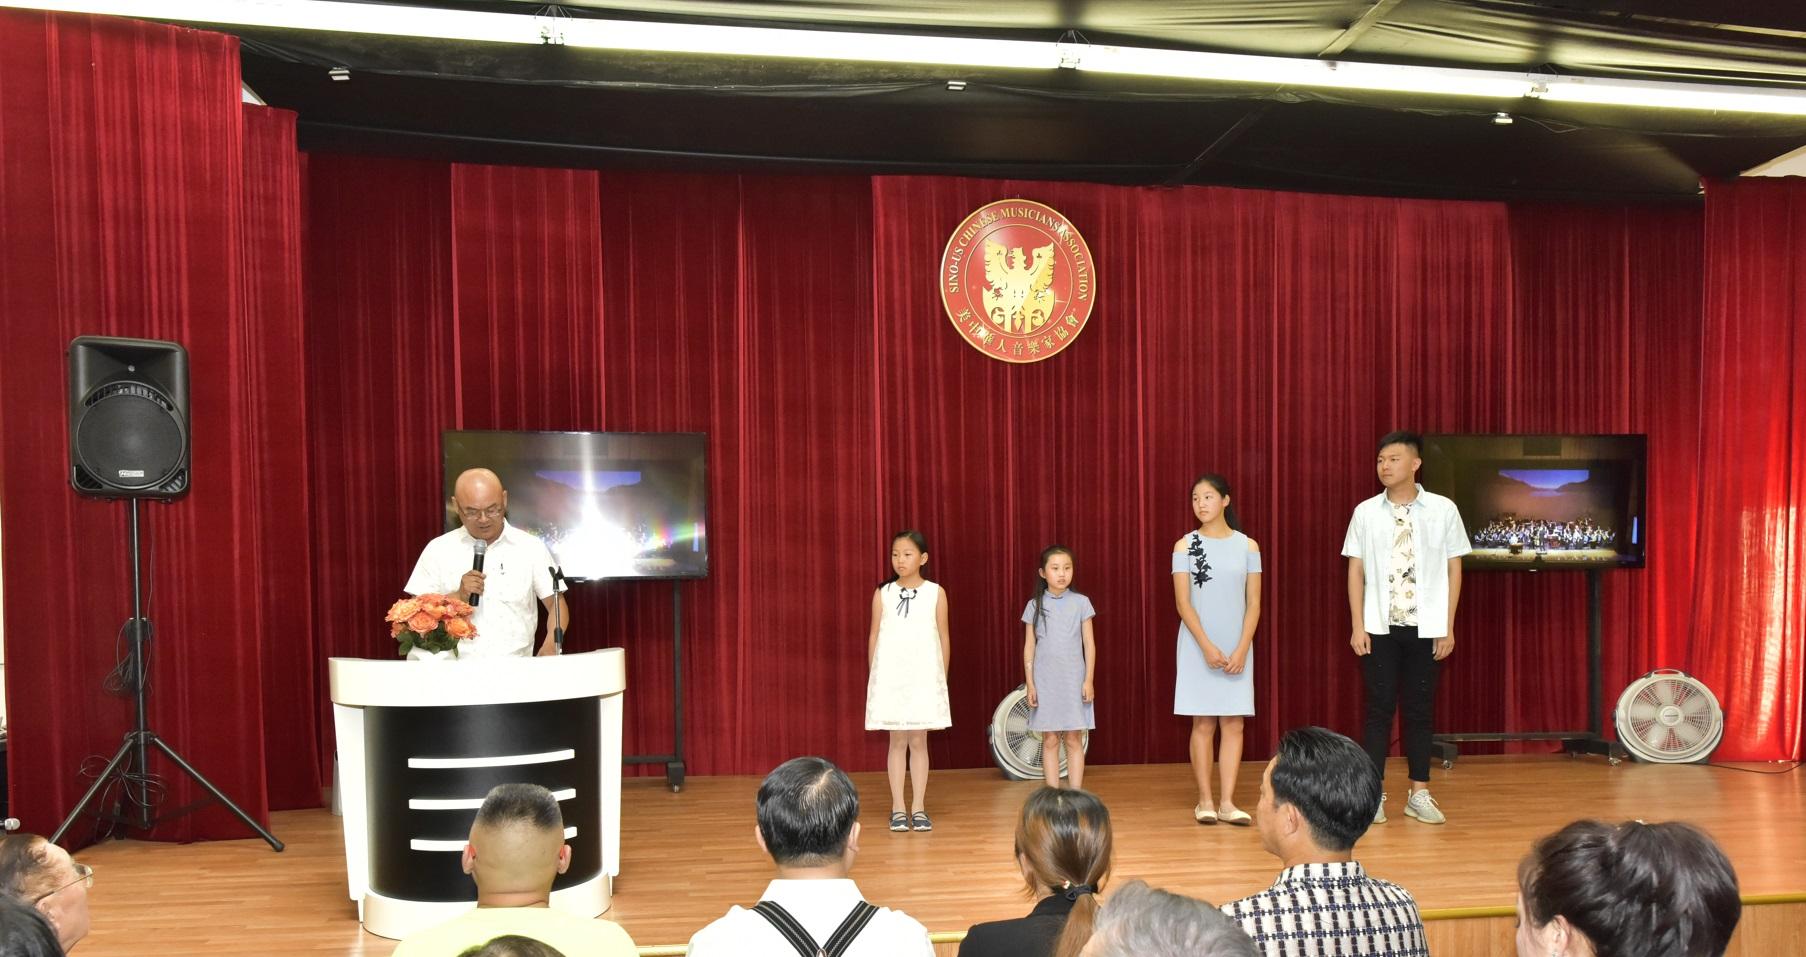 王馨镁(右四),祝晓轩(右二),刘子豪(右一)